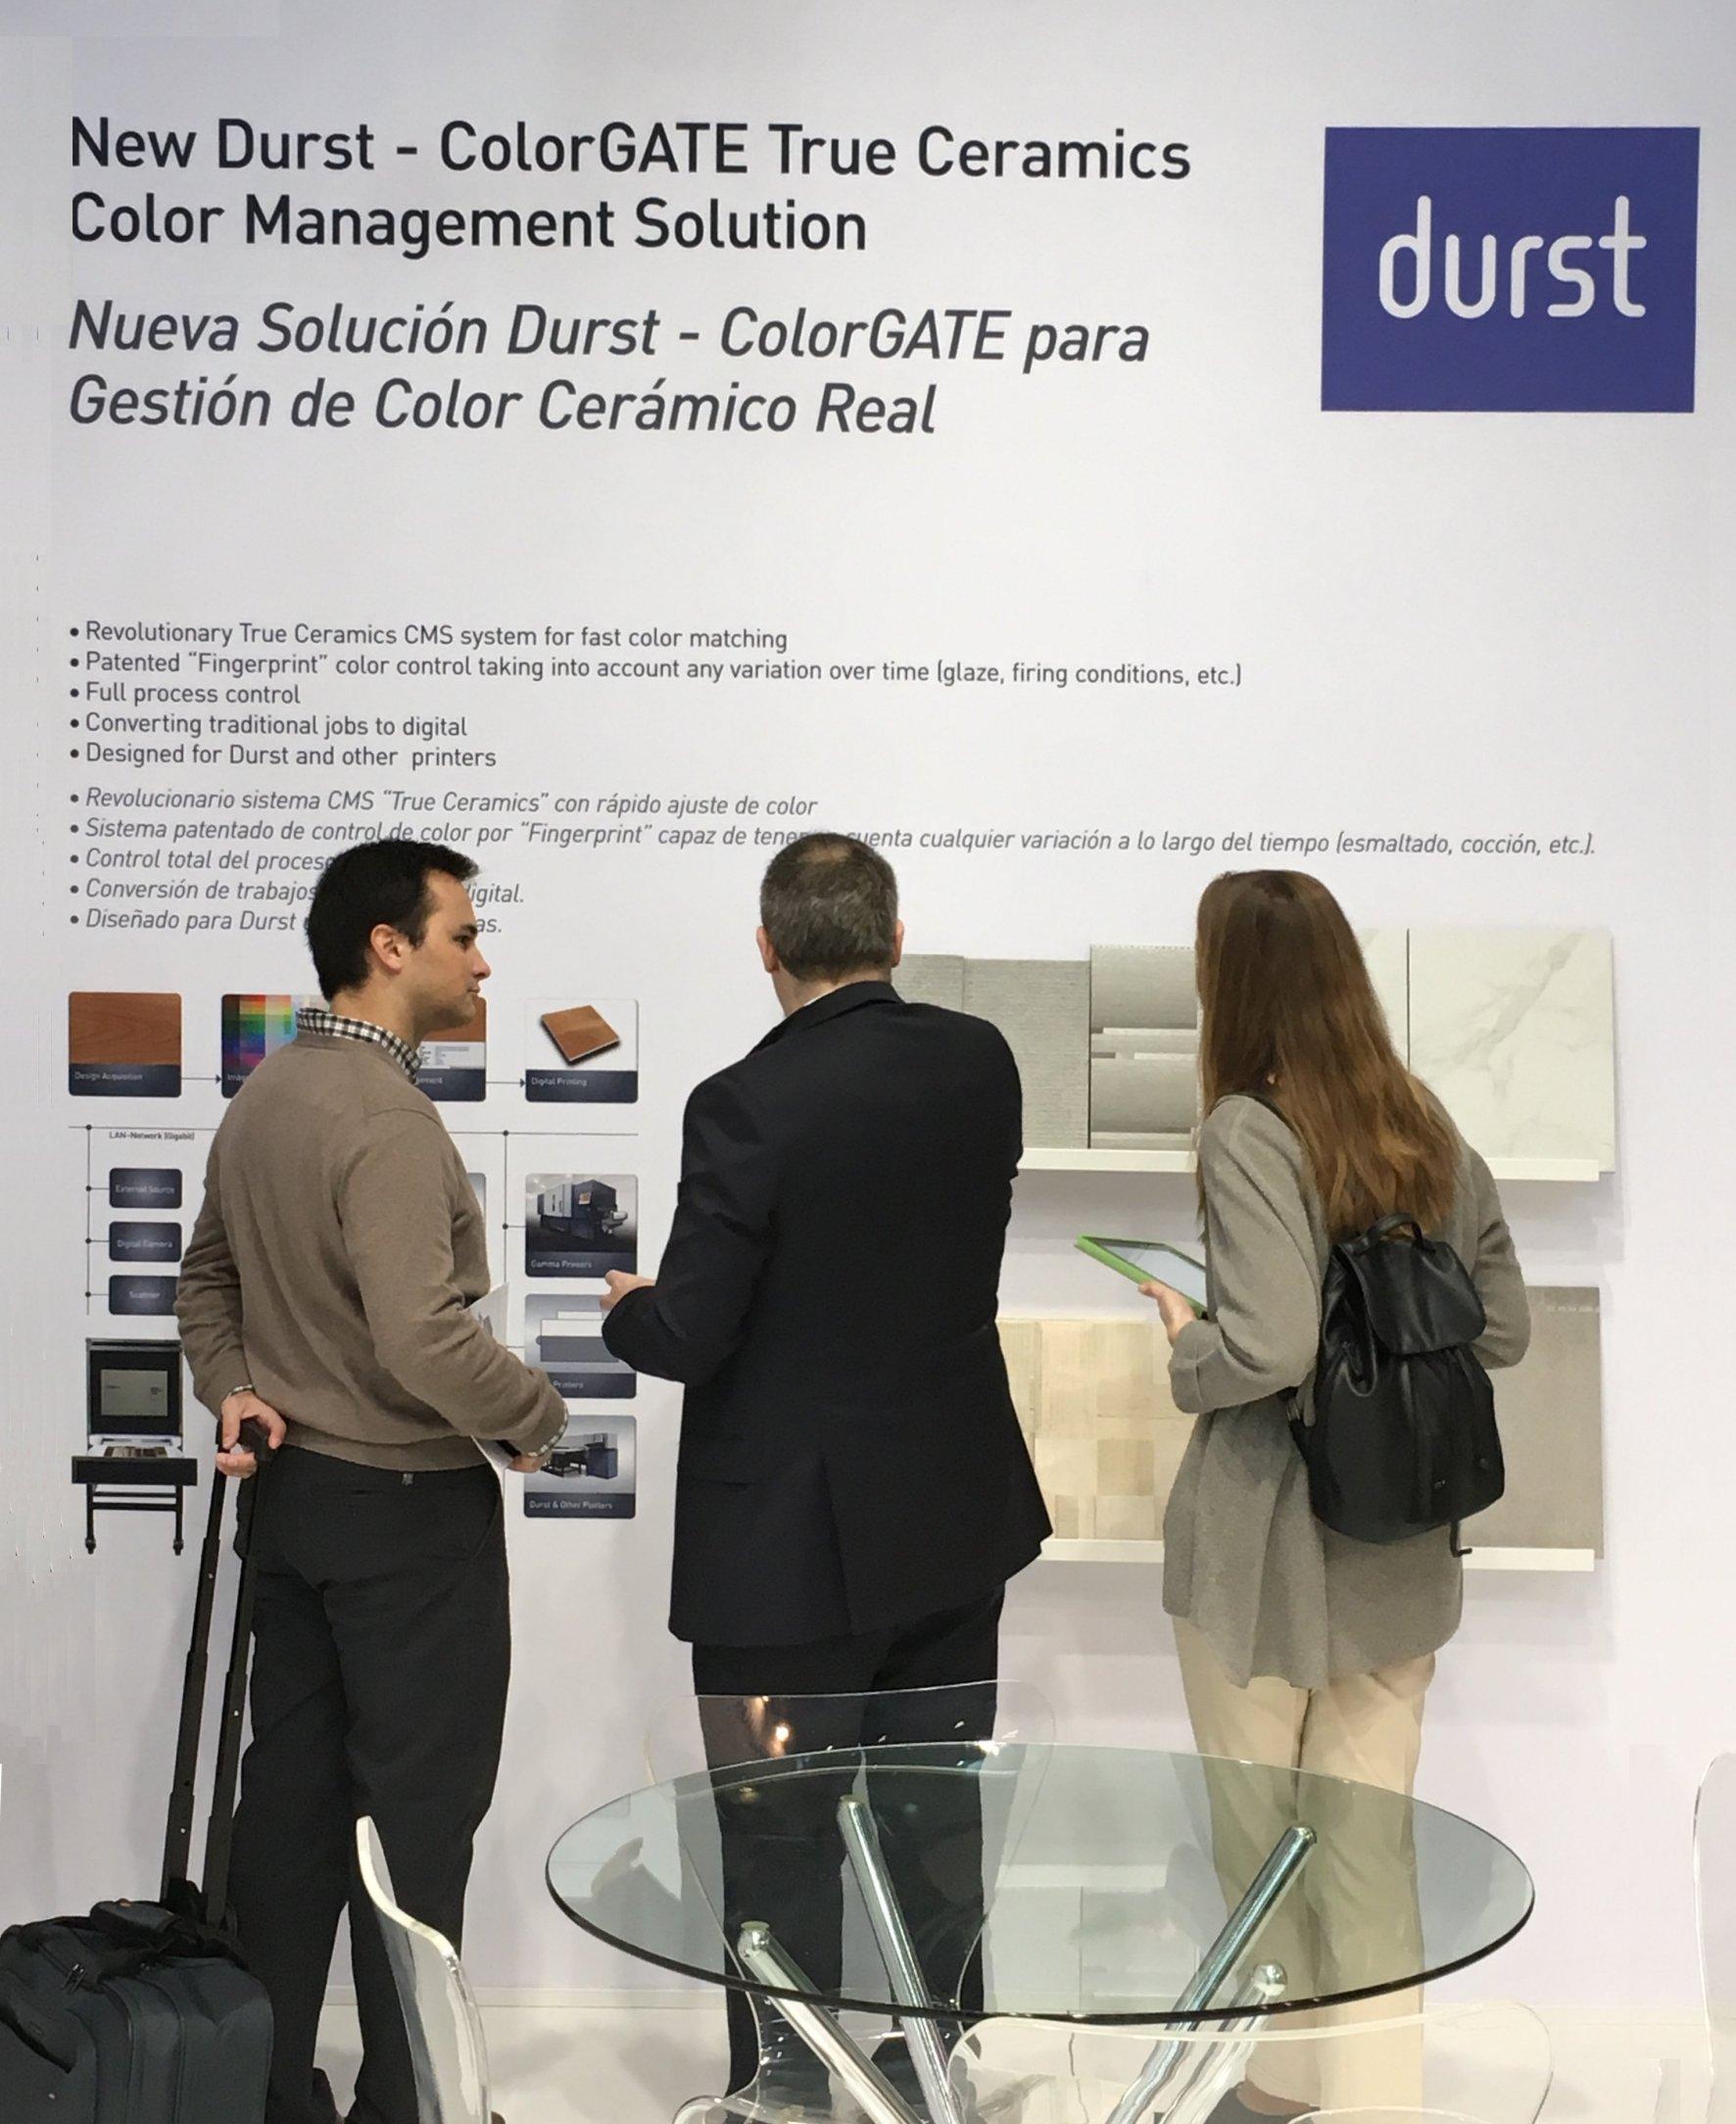 ColorGATE e Durst Phototechnik Spa  annunciano un'esclusiva partnership di distribuzione Innovativa soluzione di gestione dei colori per la stampa digitale su ceramica